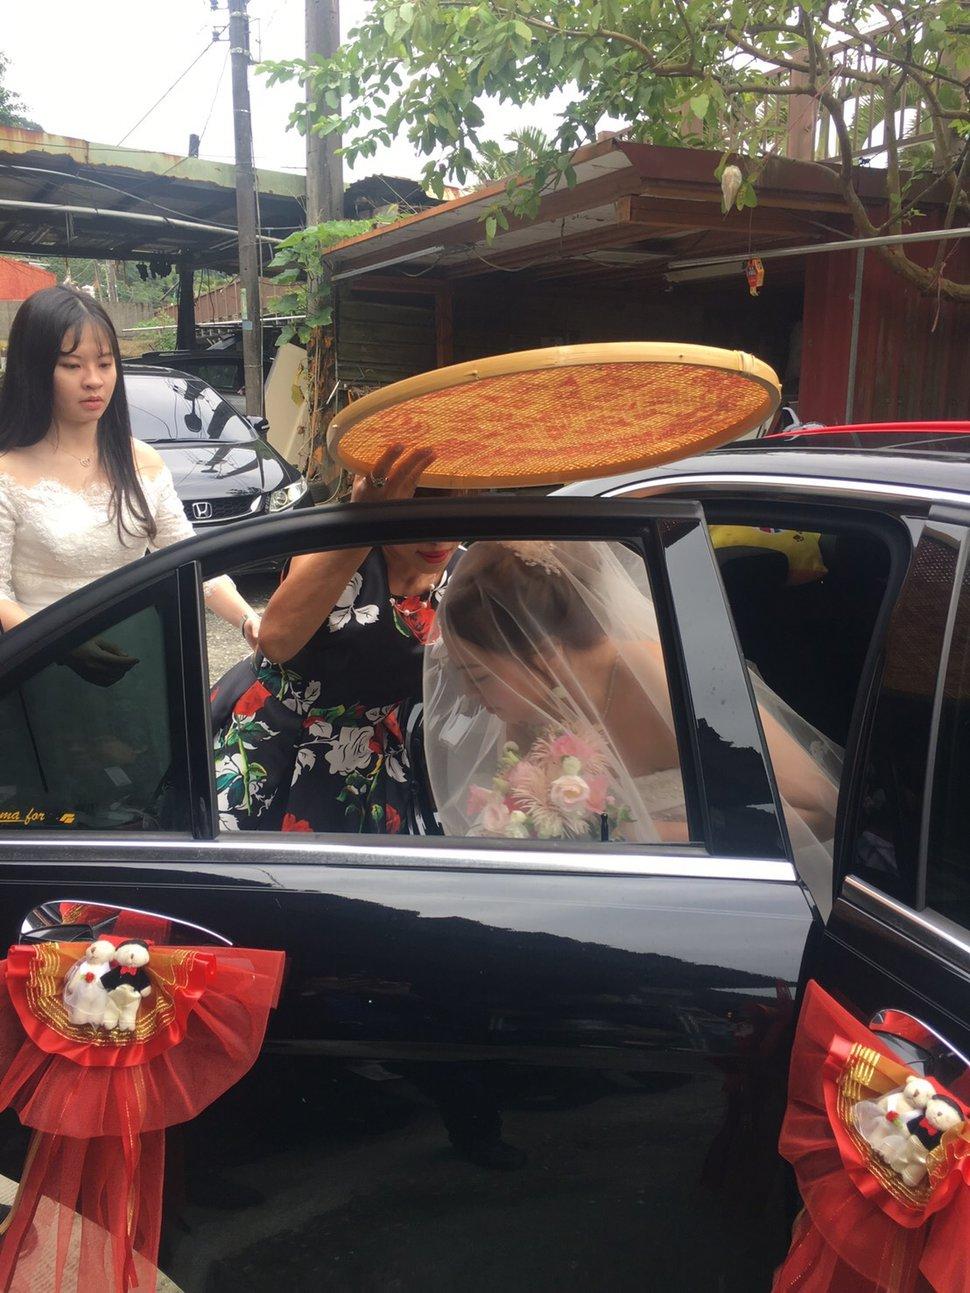 IMG_5006 - 幸福結婚禮車出租《結婚吧》